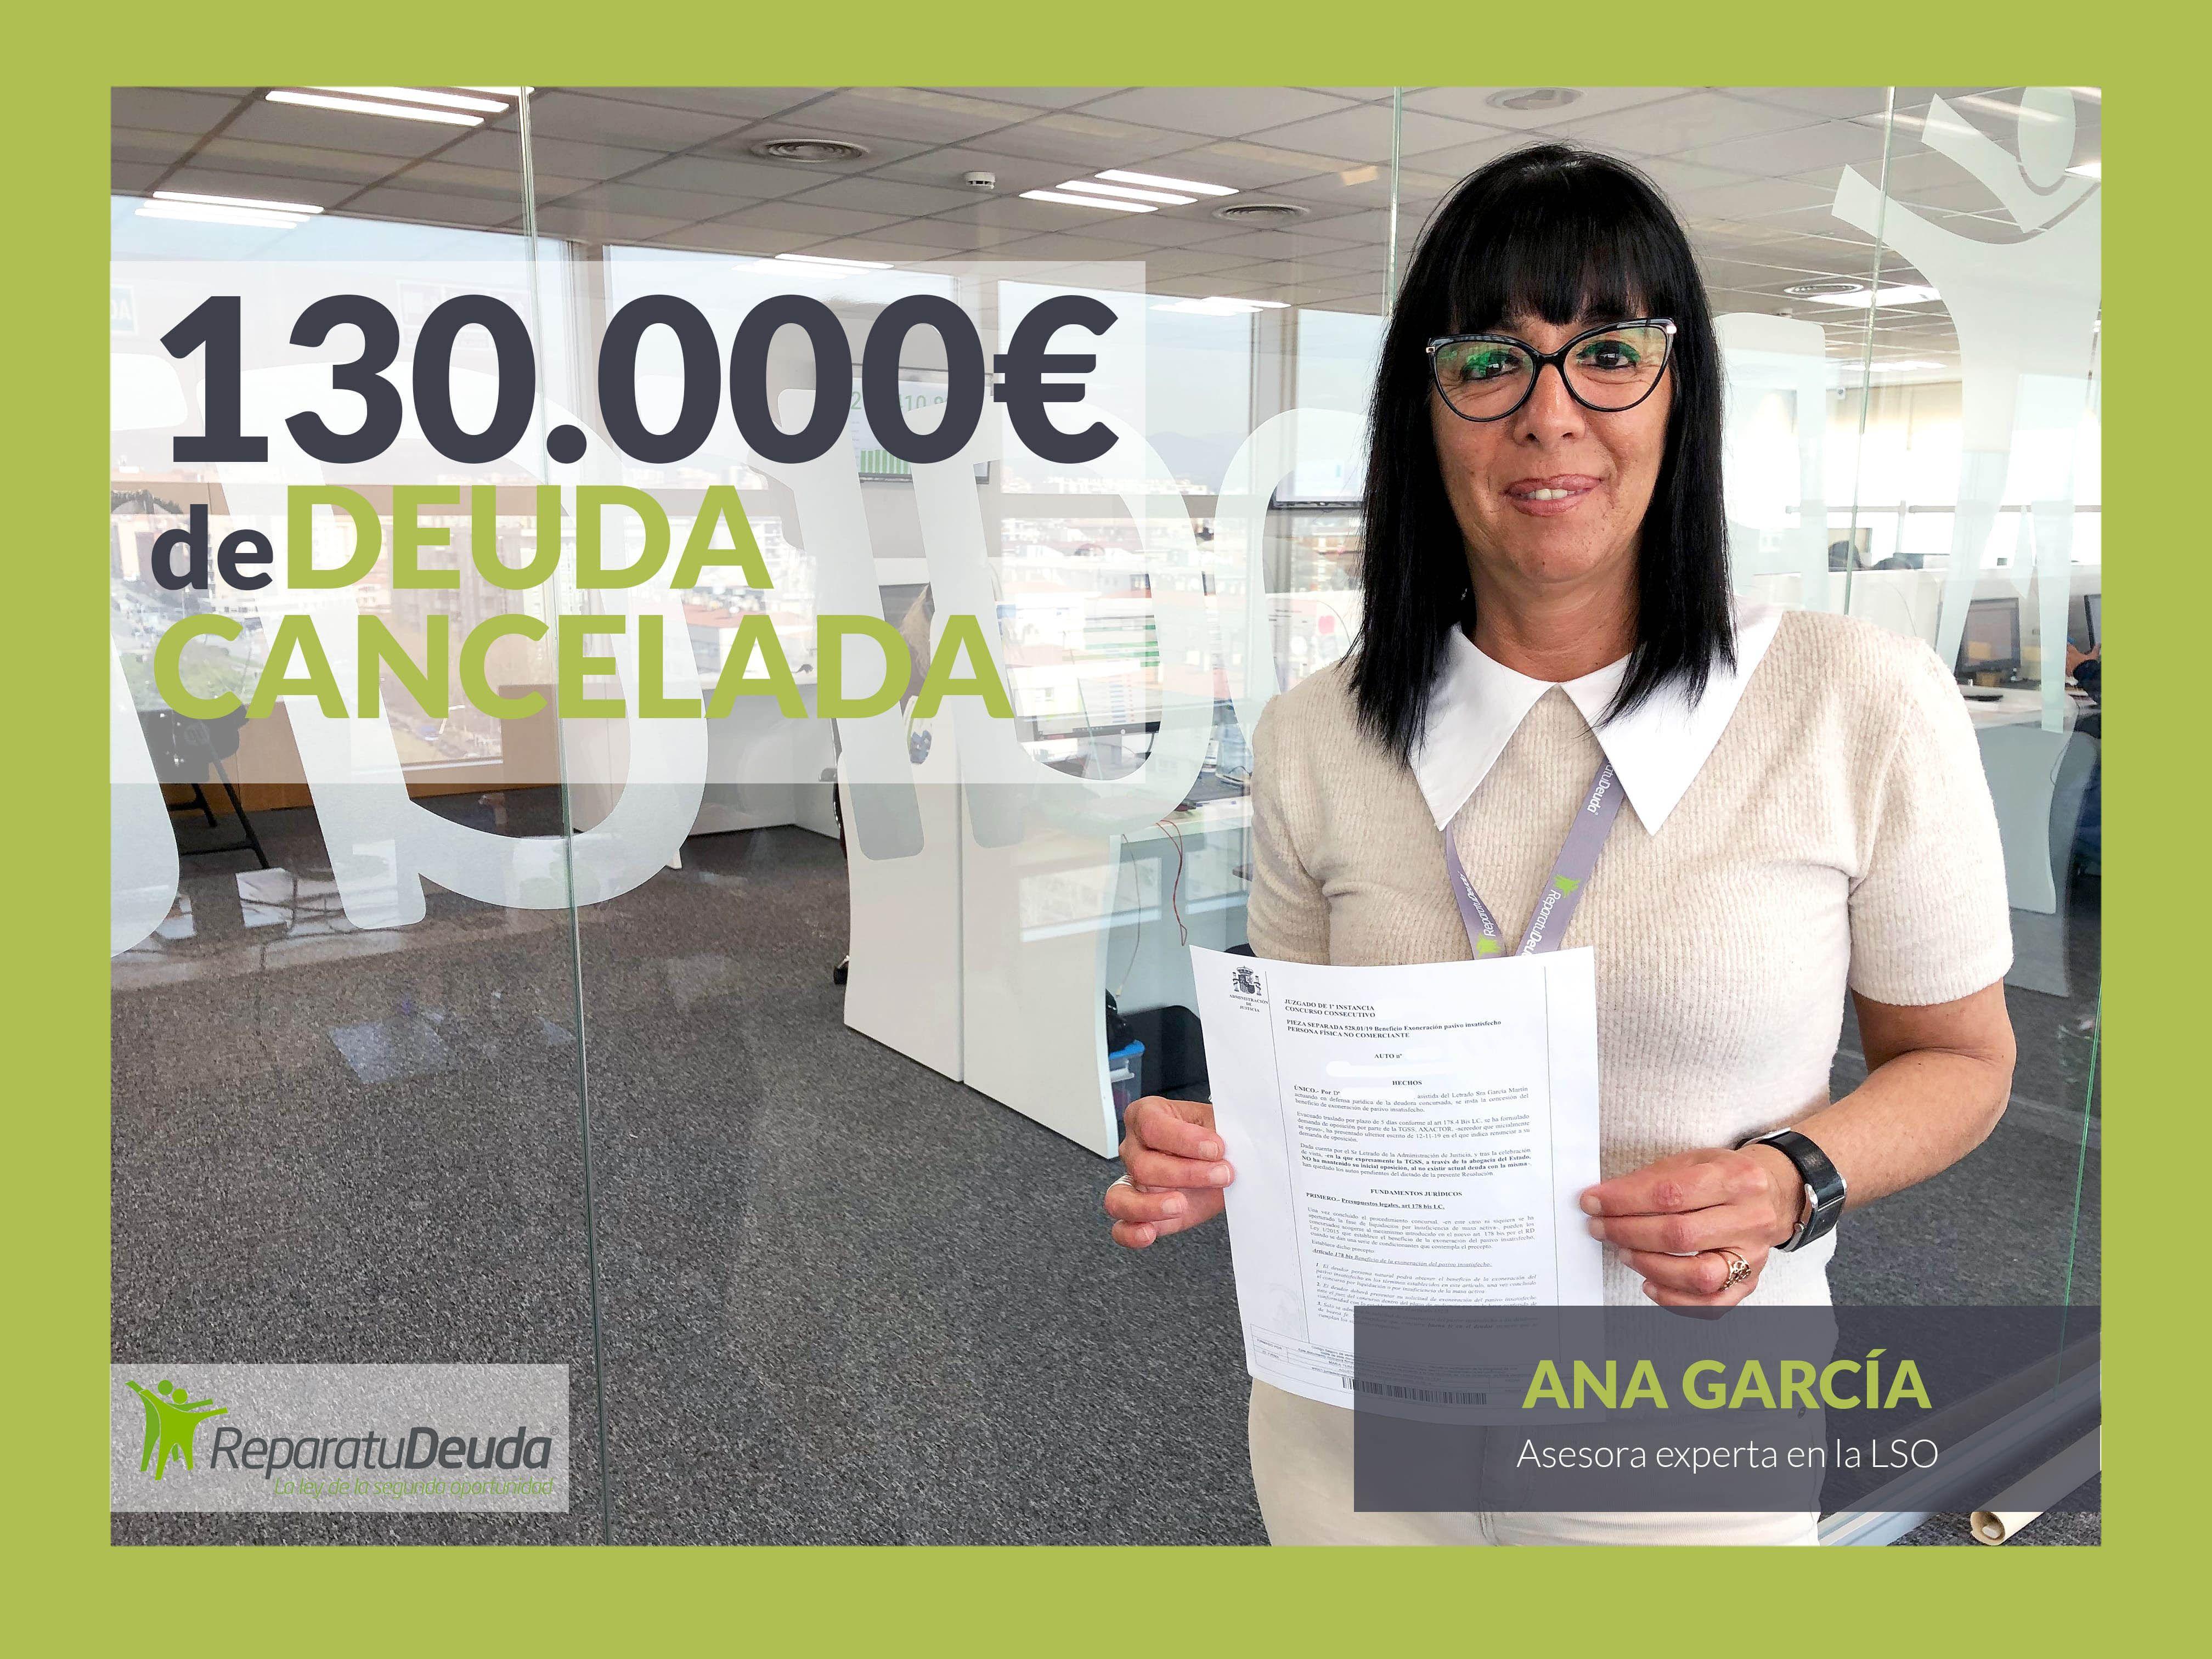 Repara tu deuda Abogados cancela 64.712 eur en Oviedo gracias a la Ley de la Segunda Oportunidad